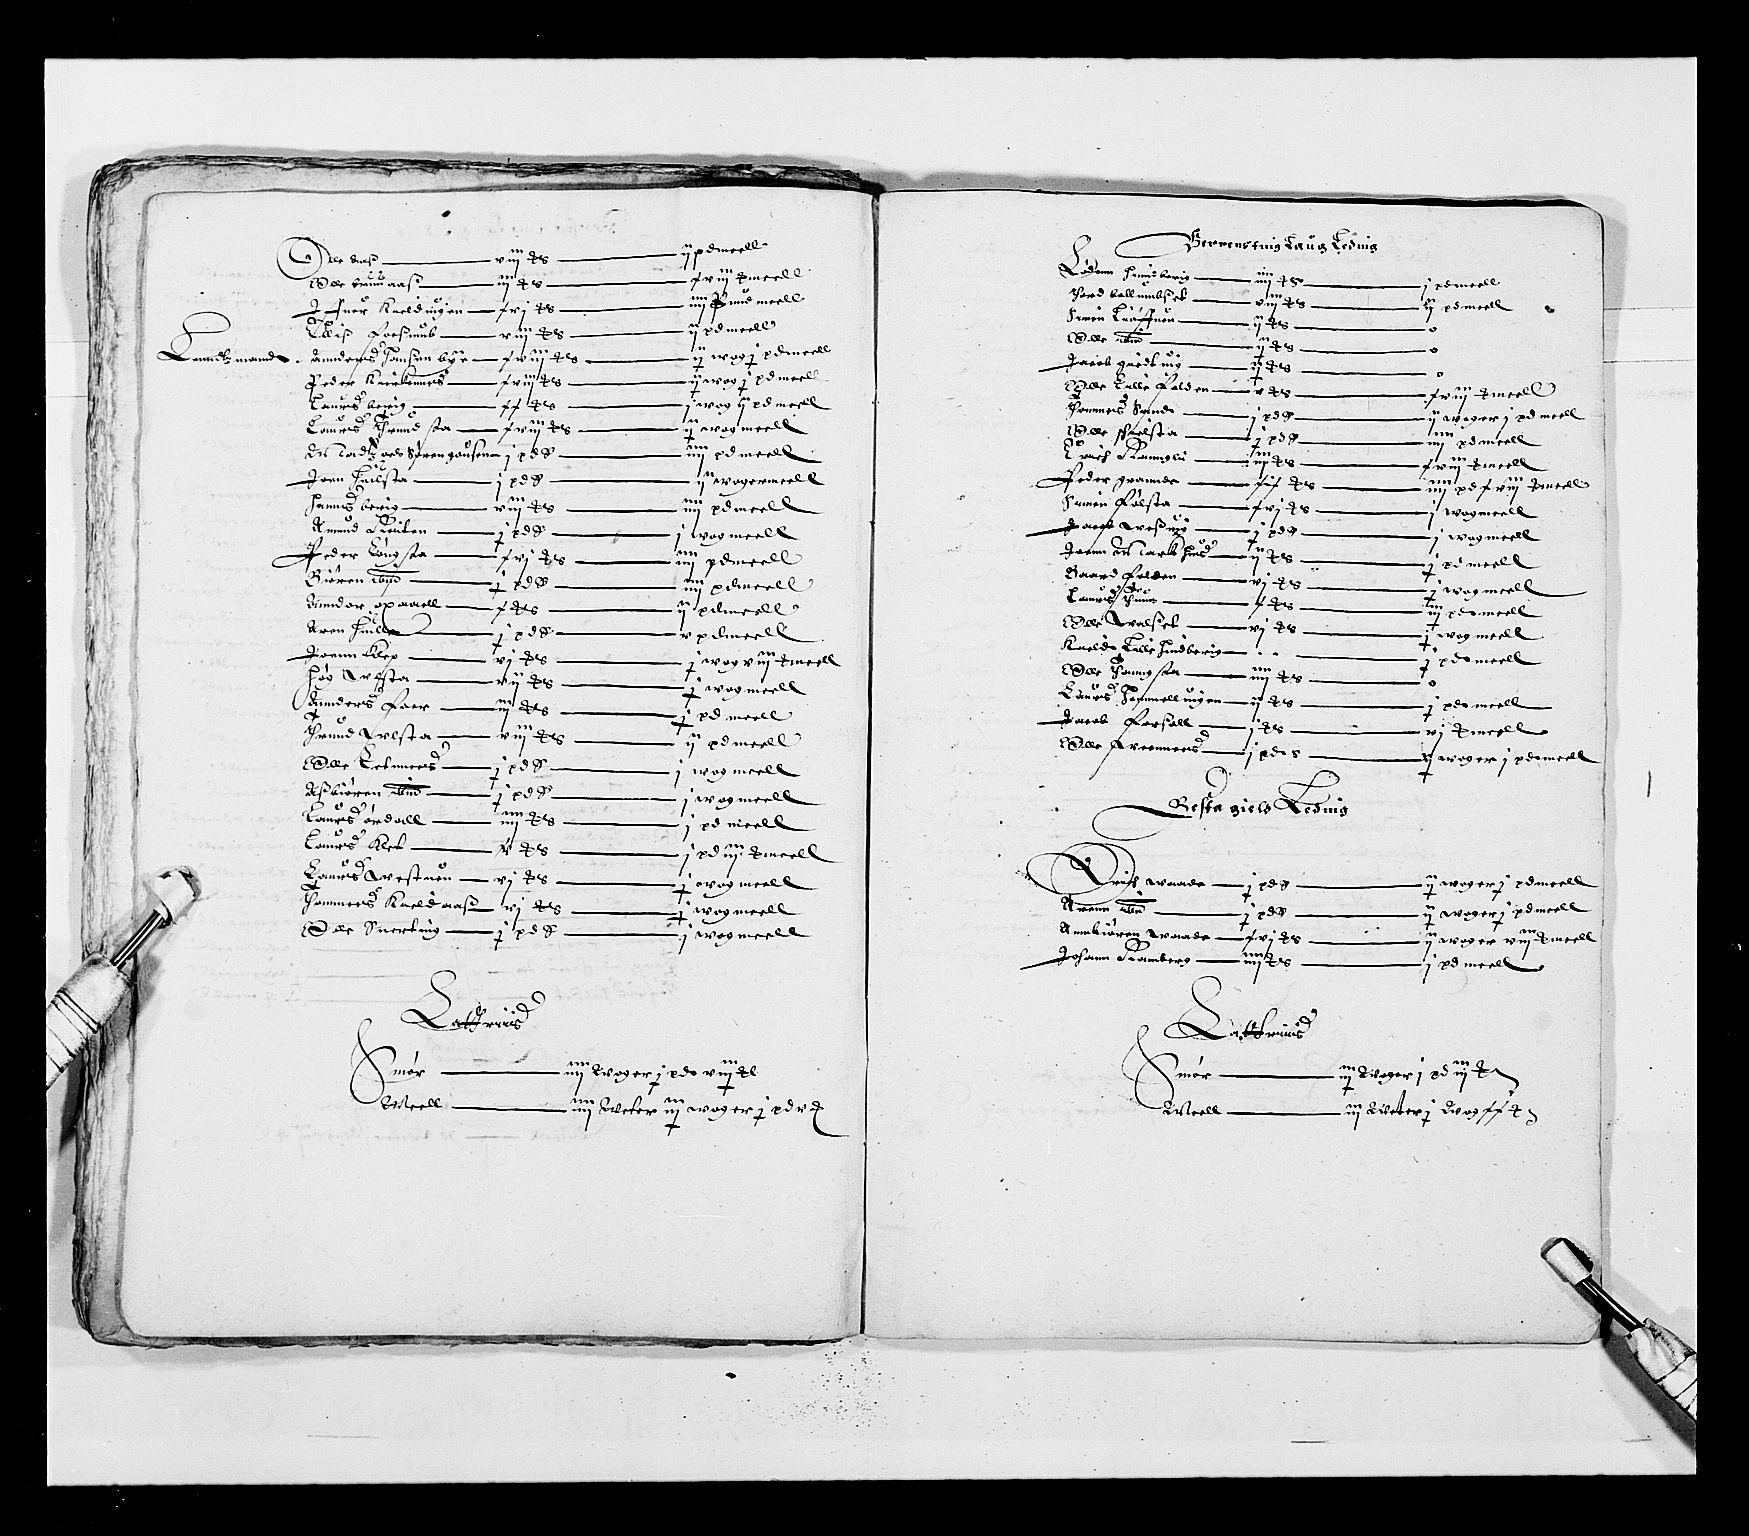 RA, Stattholderembetet 1572-1771, Ek/L0028: Jordebøker 1633-1658:, 1645-1646, s. 109